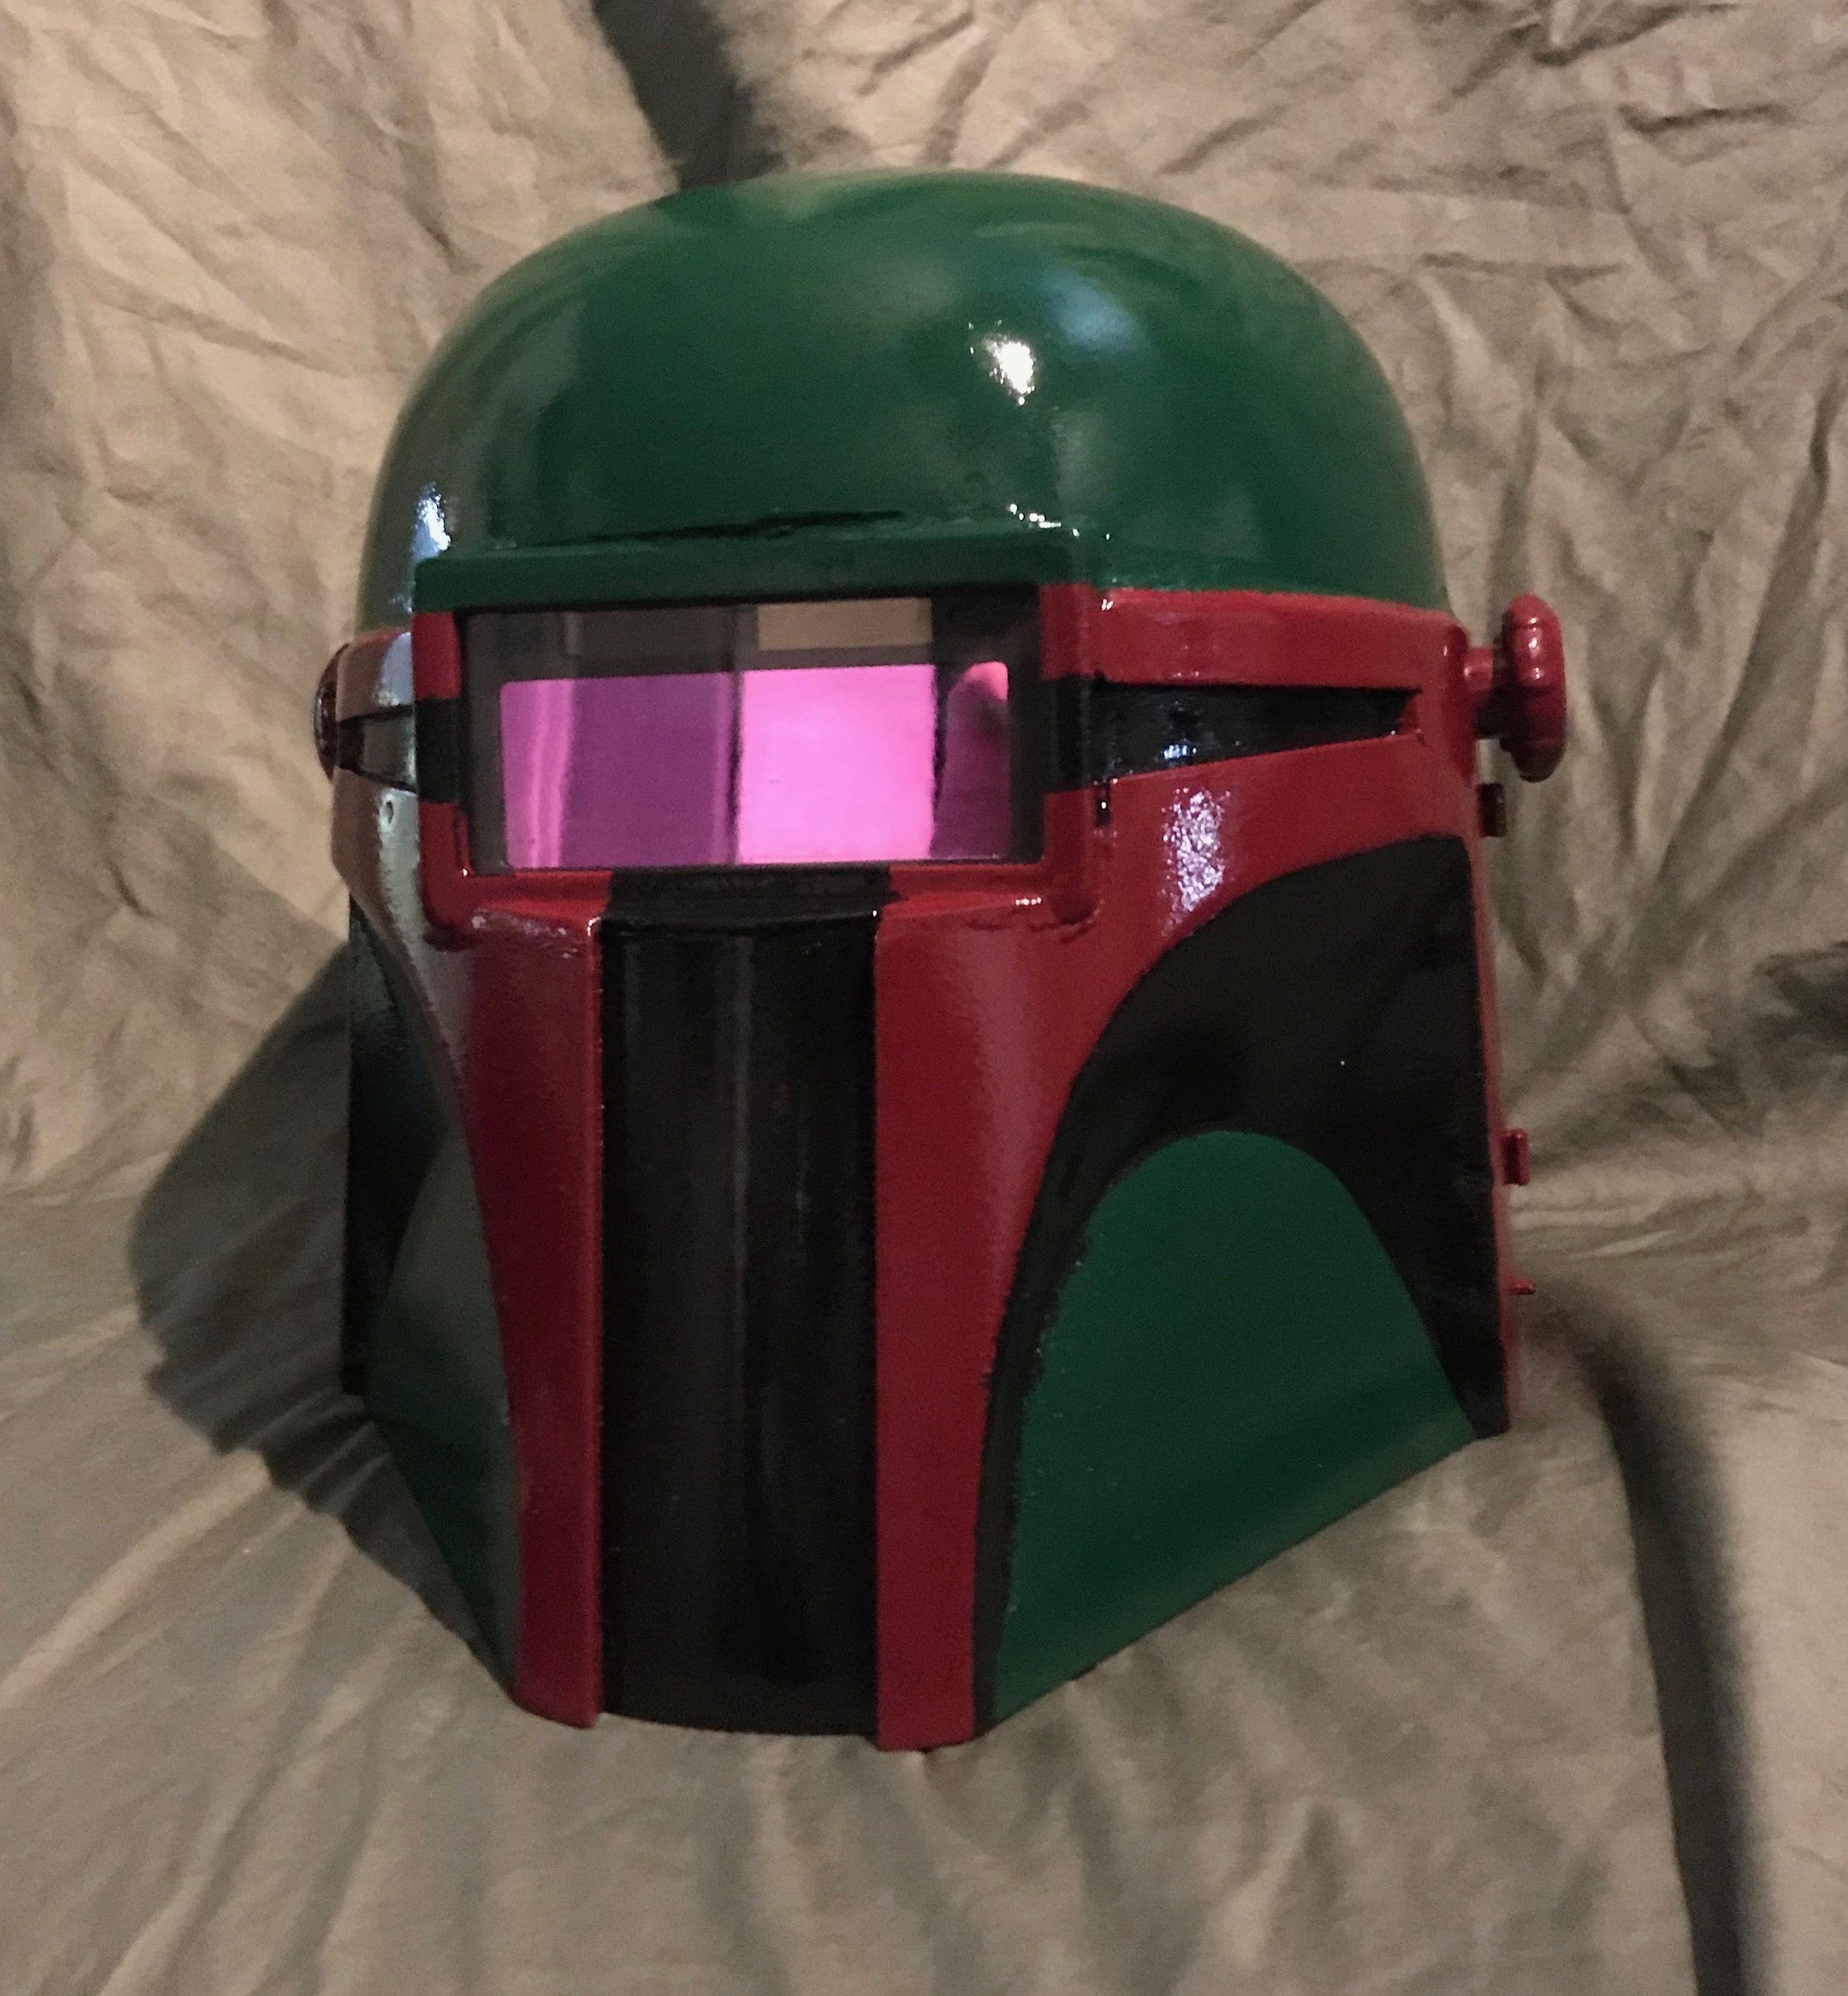 Homemade Boba Fett - Star Wars welding helmet | Boba fett | Pinterest